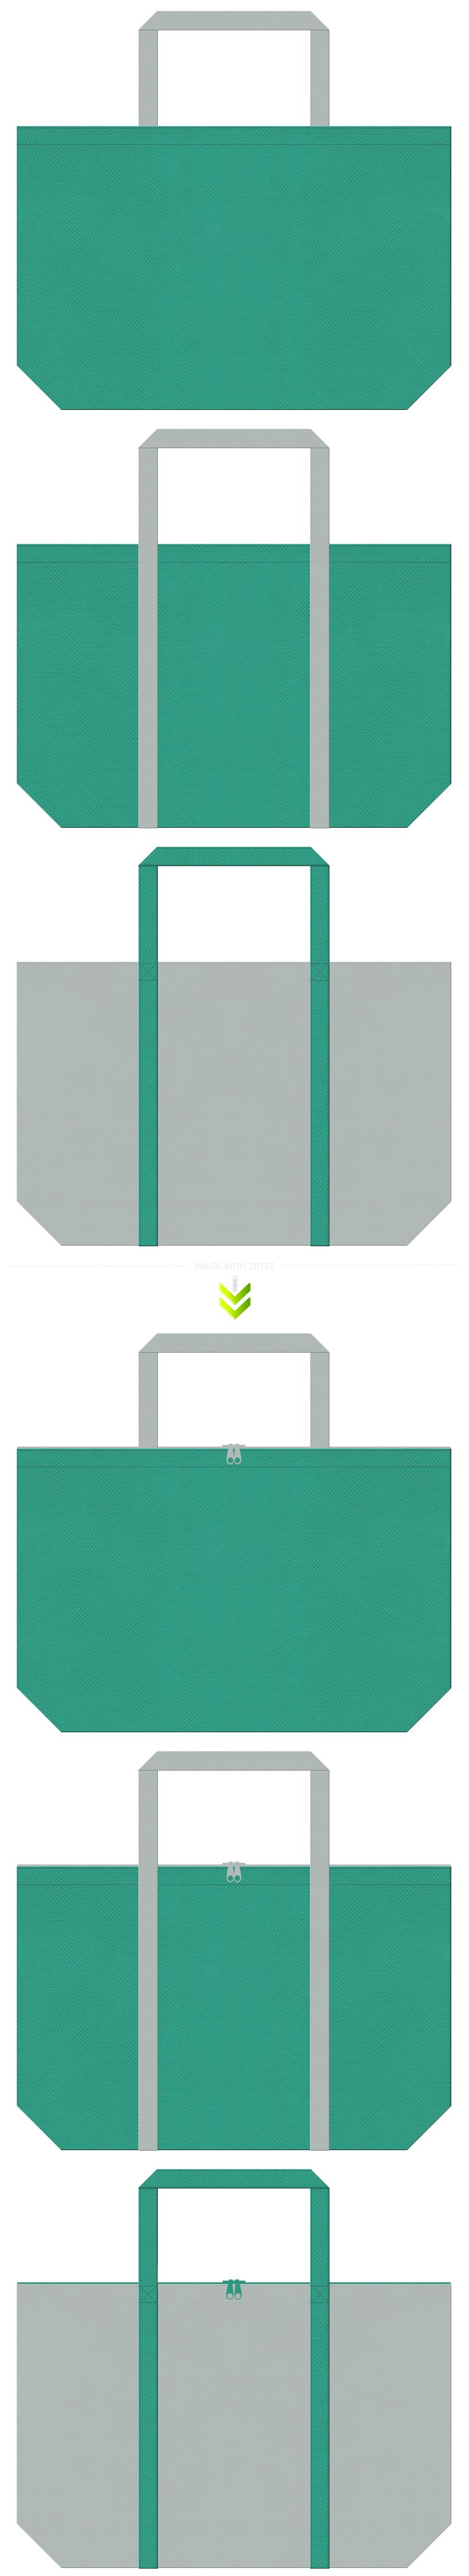 ロボット・CO2削減・緑化地域・屋上緑化・壁面緑化・建築・設計・エクステリア・鍵・防犯・セキュリティの展示会用バッグにお奨めの不織布バッグデザイン:青緑色とグレー色のコーデ